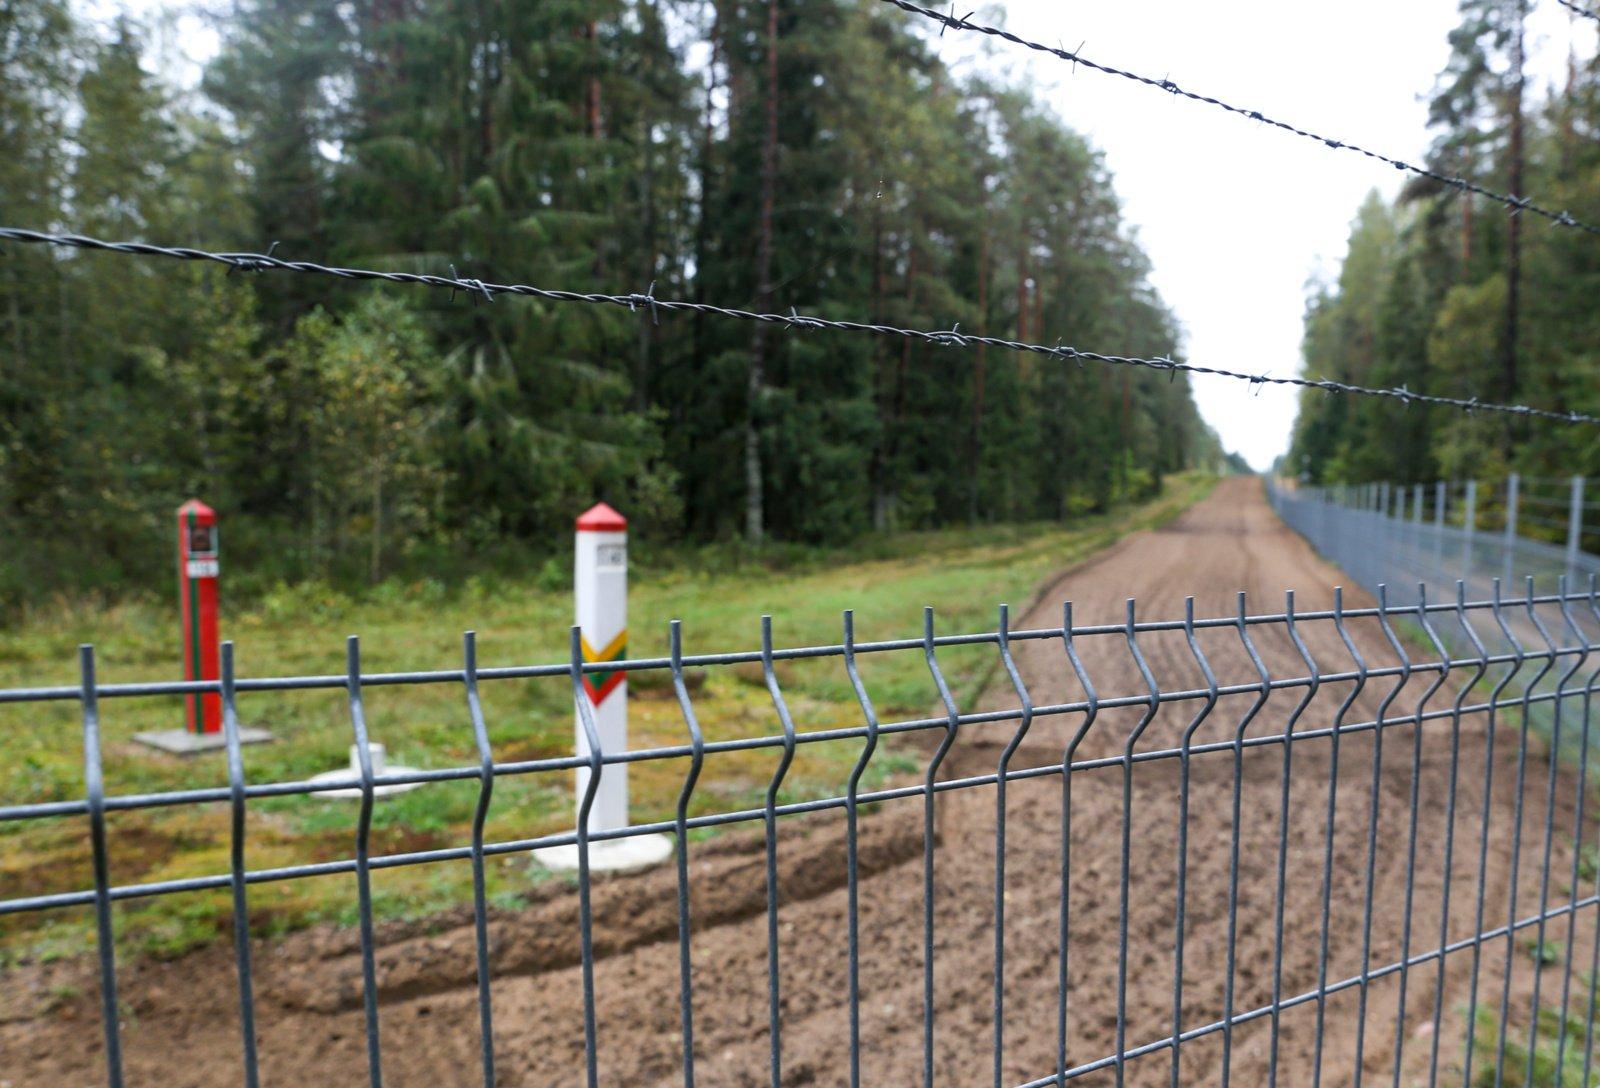 Estija pratęsė bepiločių misiją Lietuvos sienos apsaugai nuo migrantų iš Baltarusijos